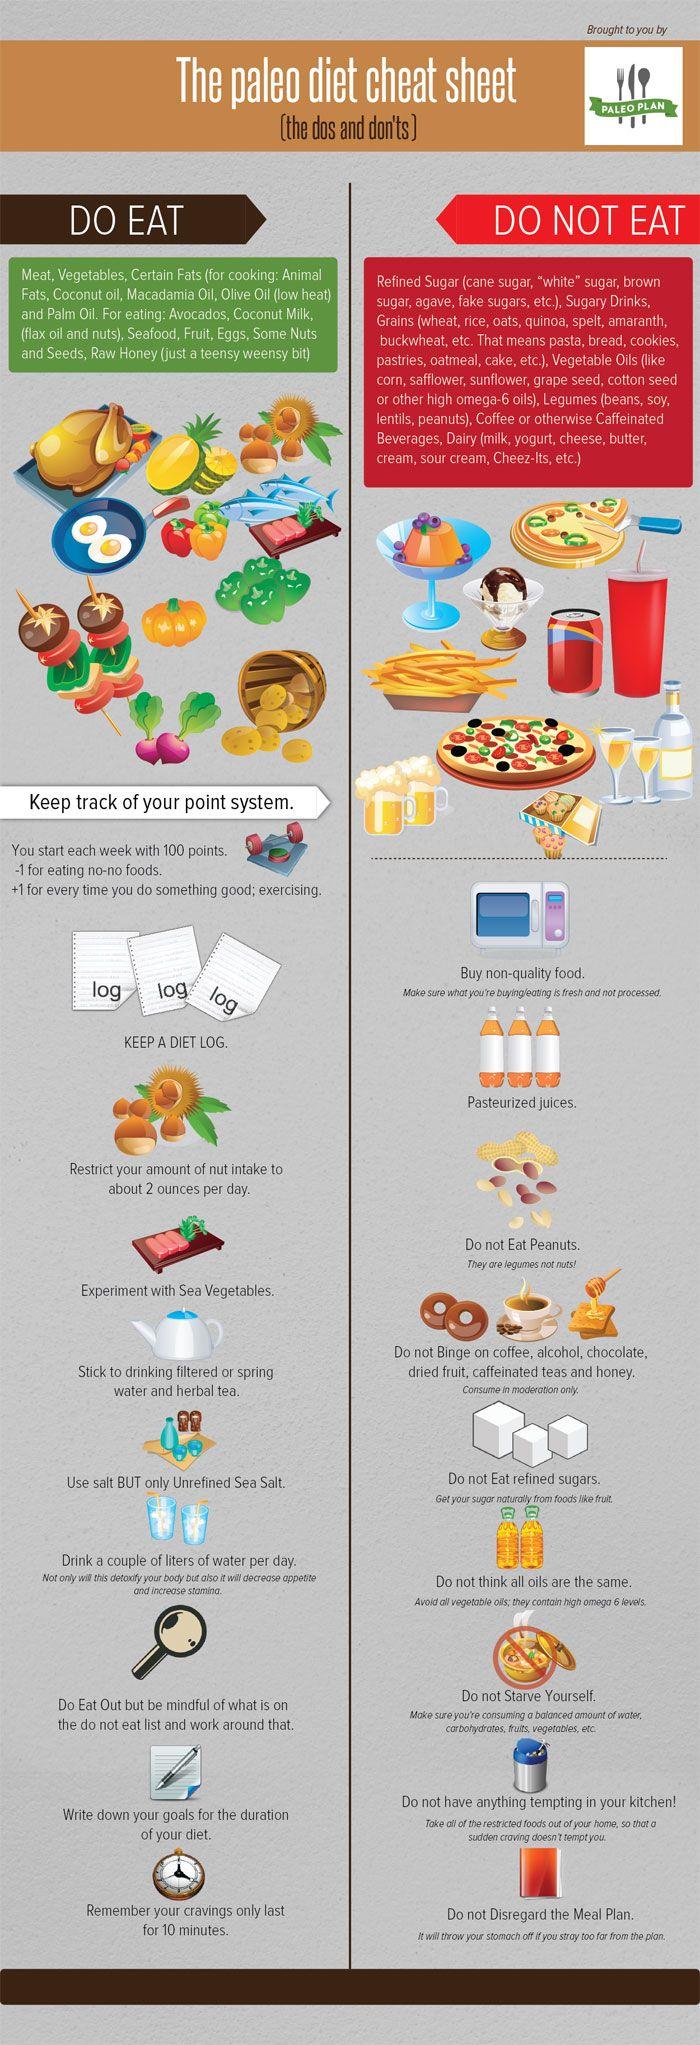 палео диета палео диета палео закуски-палео питание-палео питание